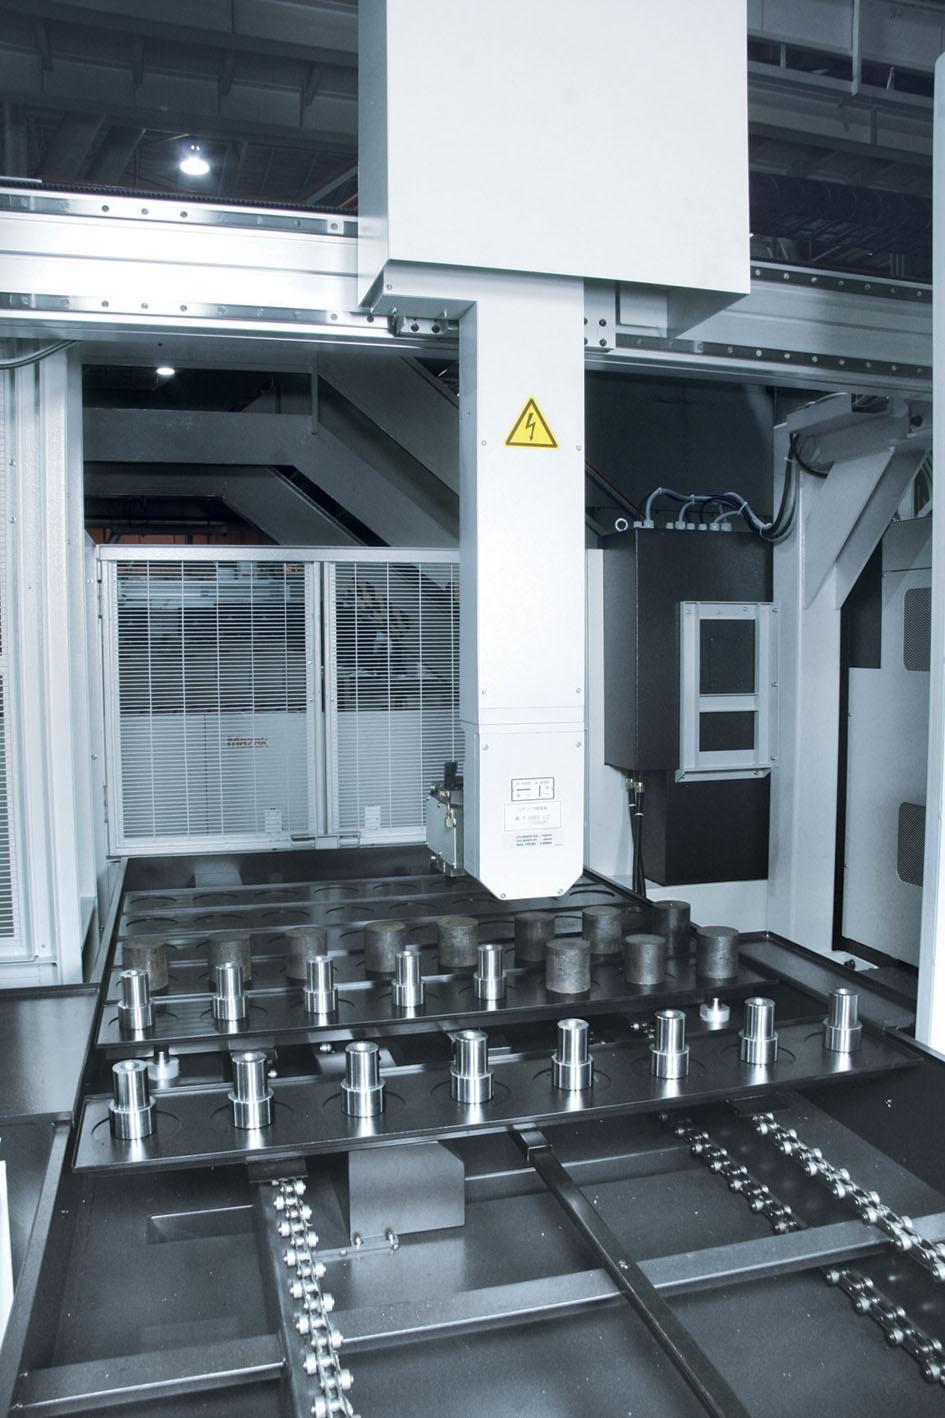 Mazak gantry robots